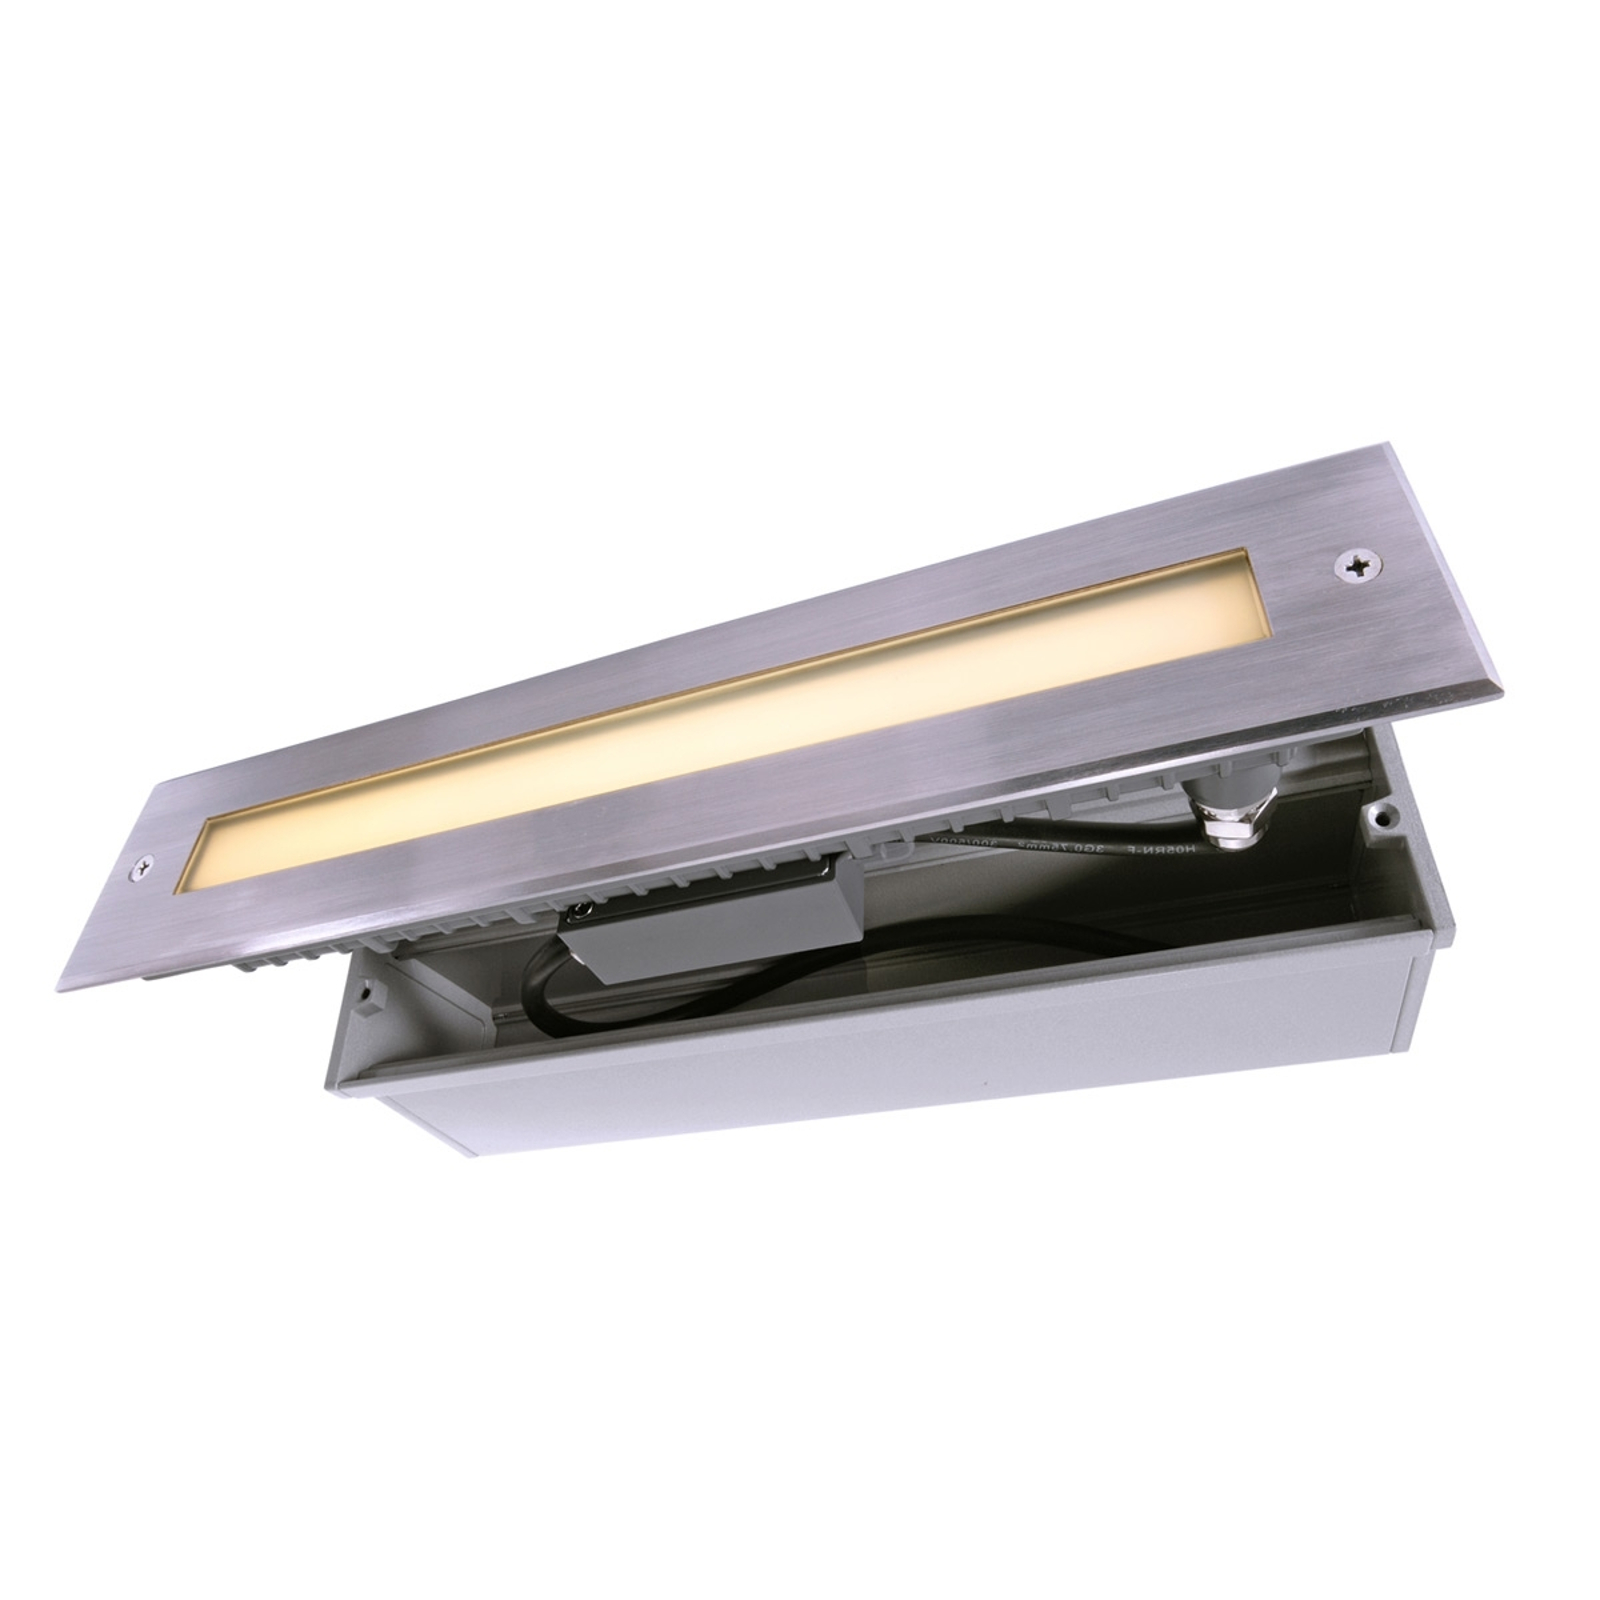 LED-Bodeneinbauleuchte Line, Länge 32,8 cm